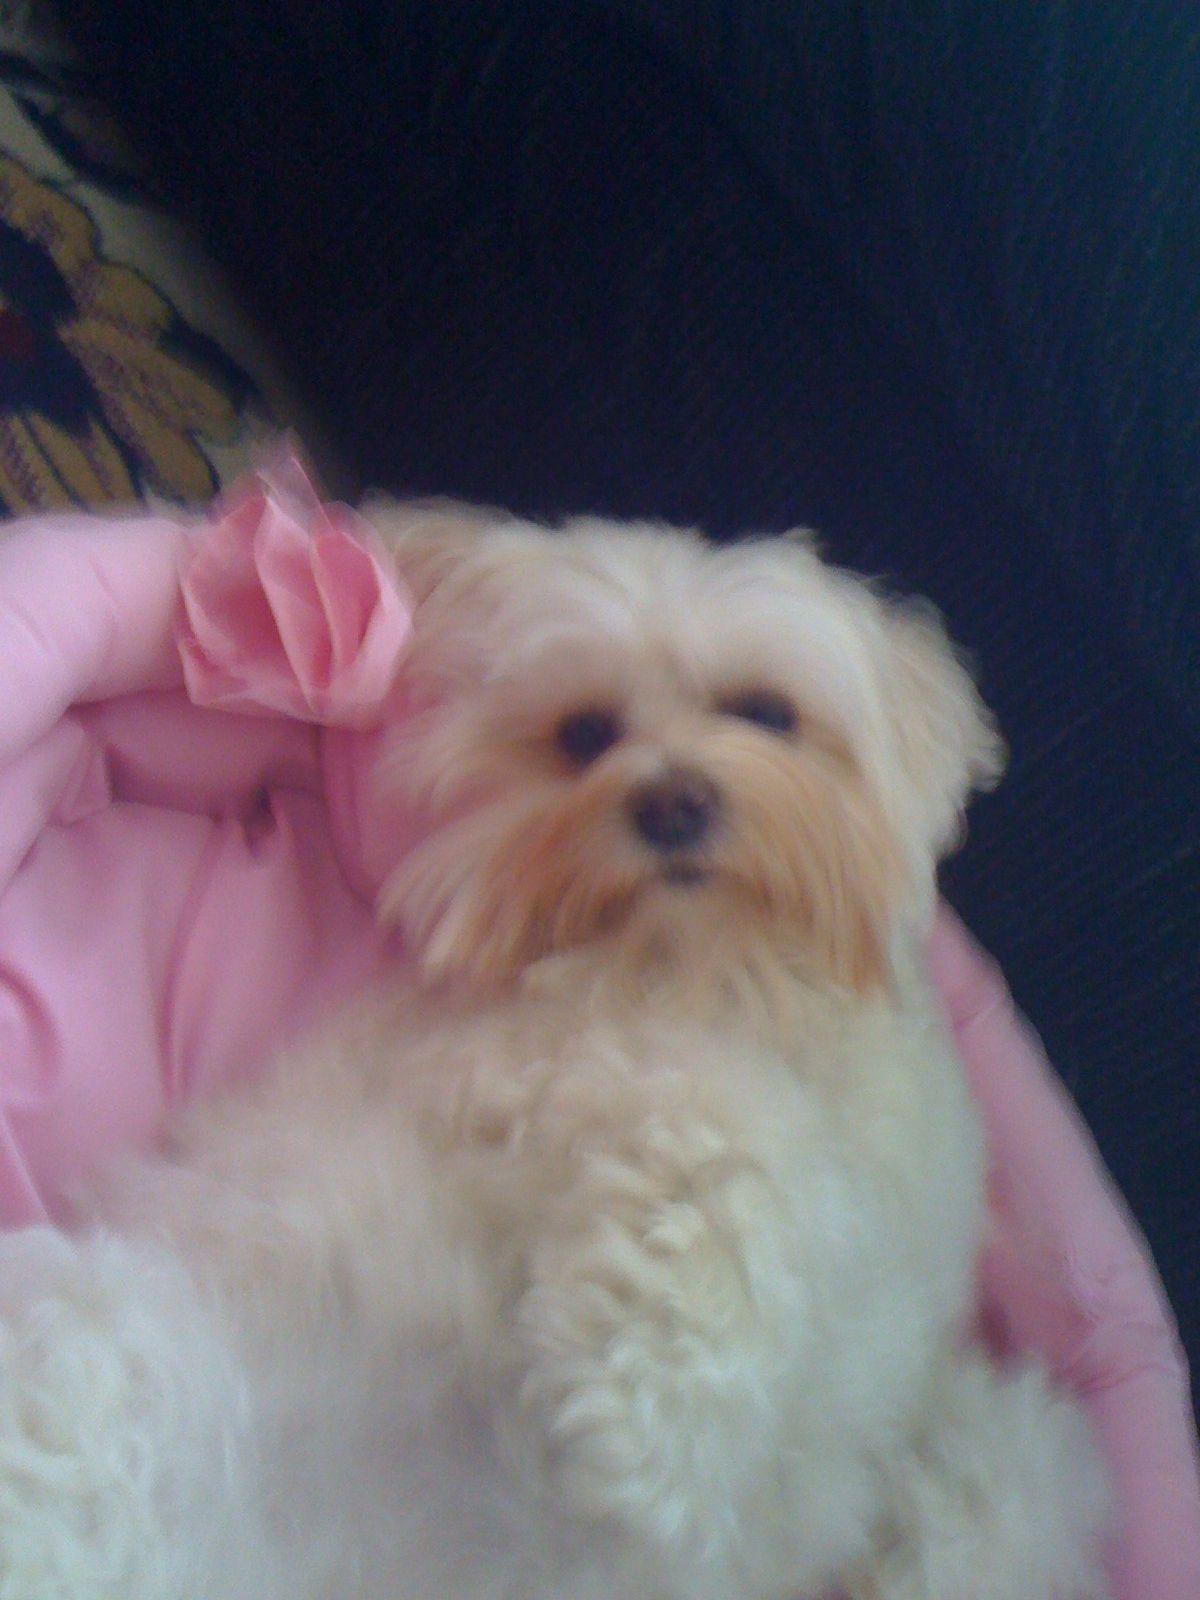 My Maltipoo Daisy.